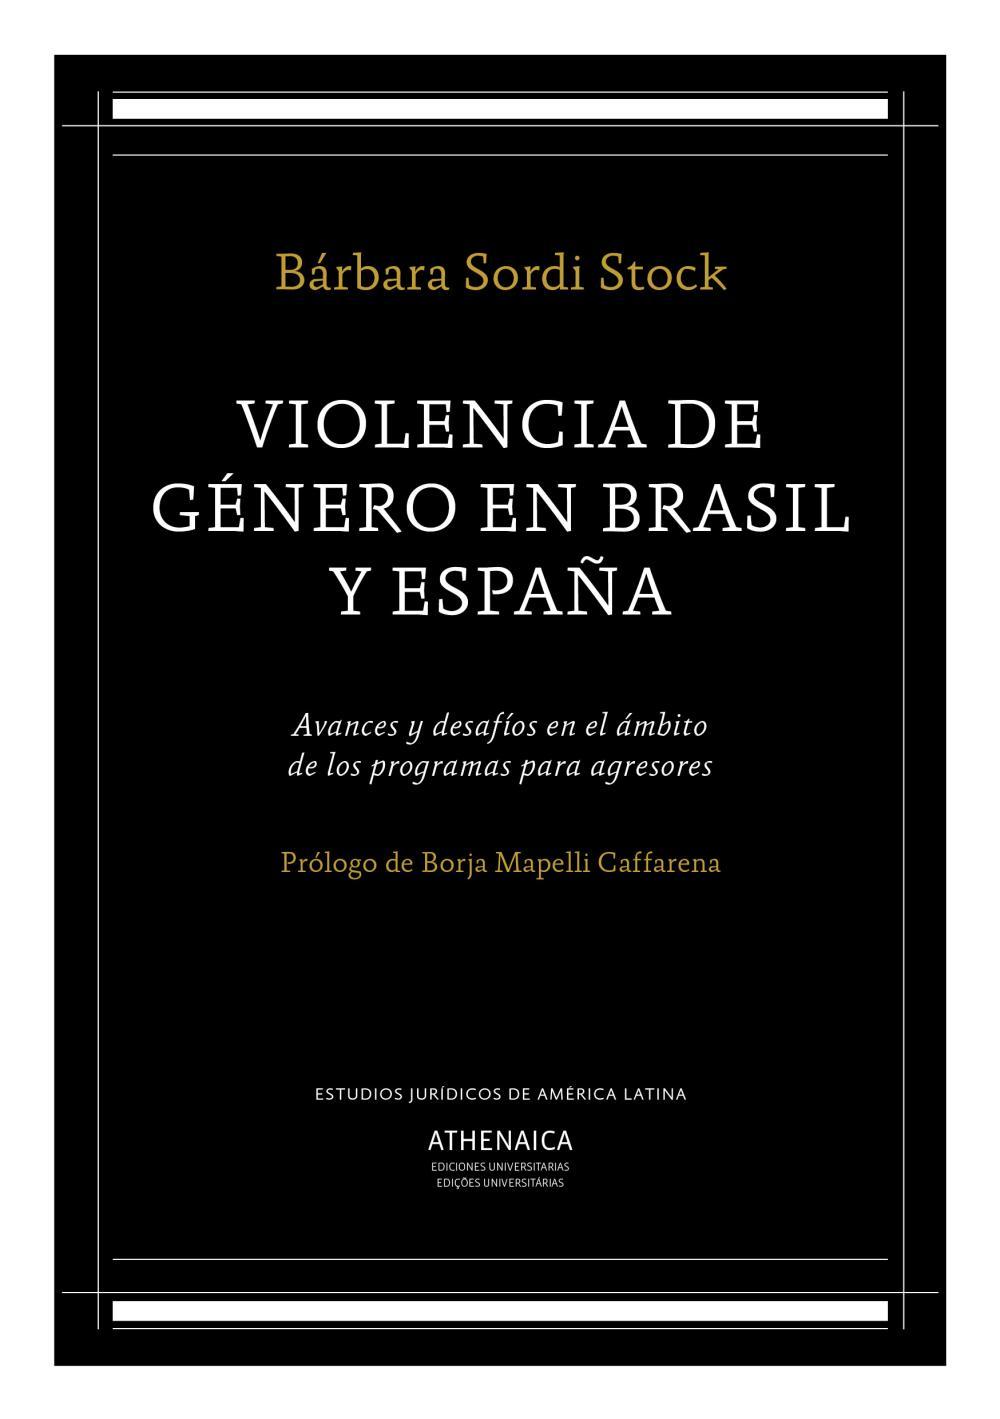 Violencia de género en Brasil y España